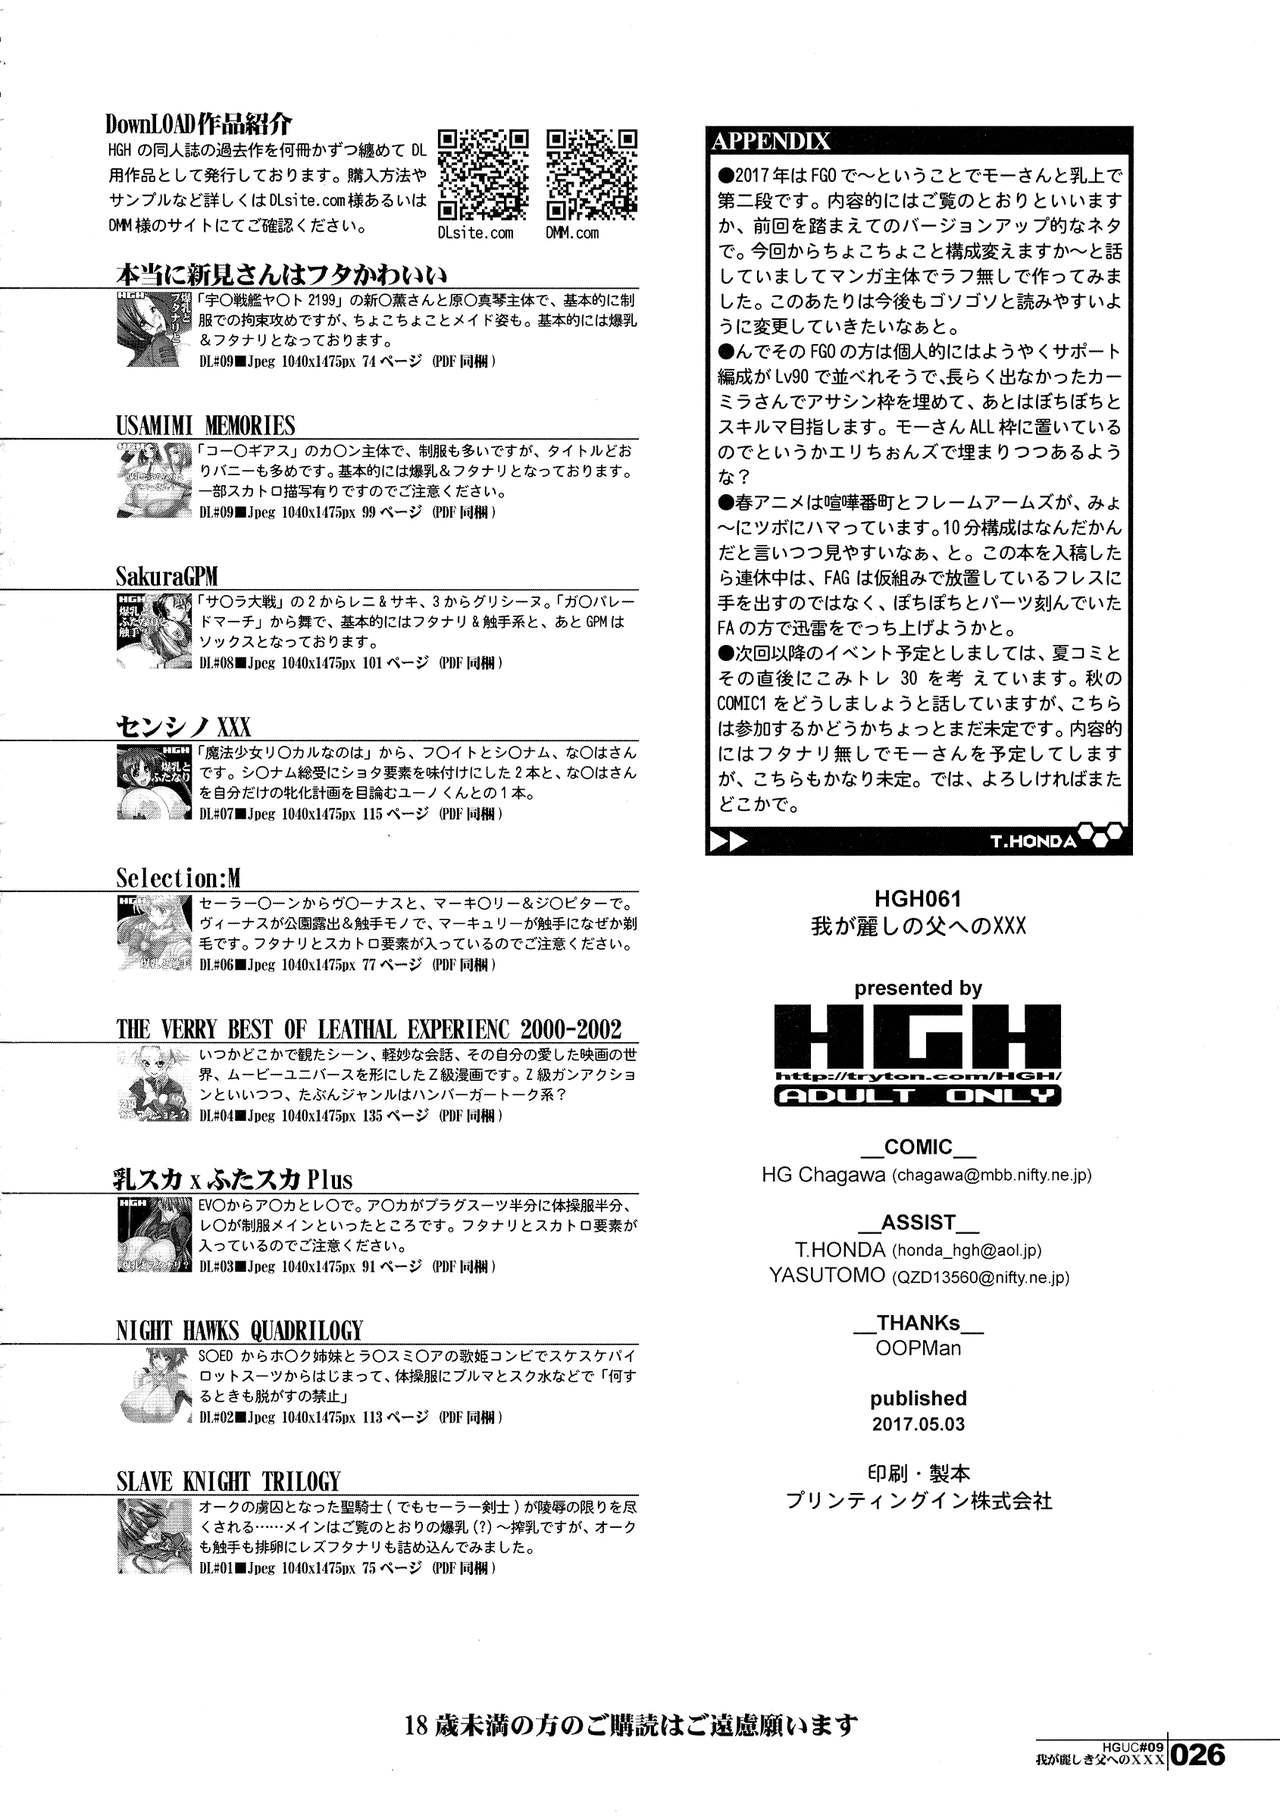 HGUC# 09 Waga Uruwashiki Chichi e no ××× 25